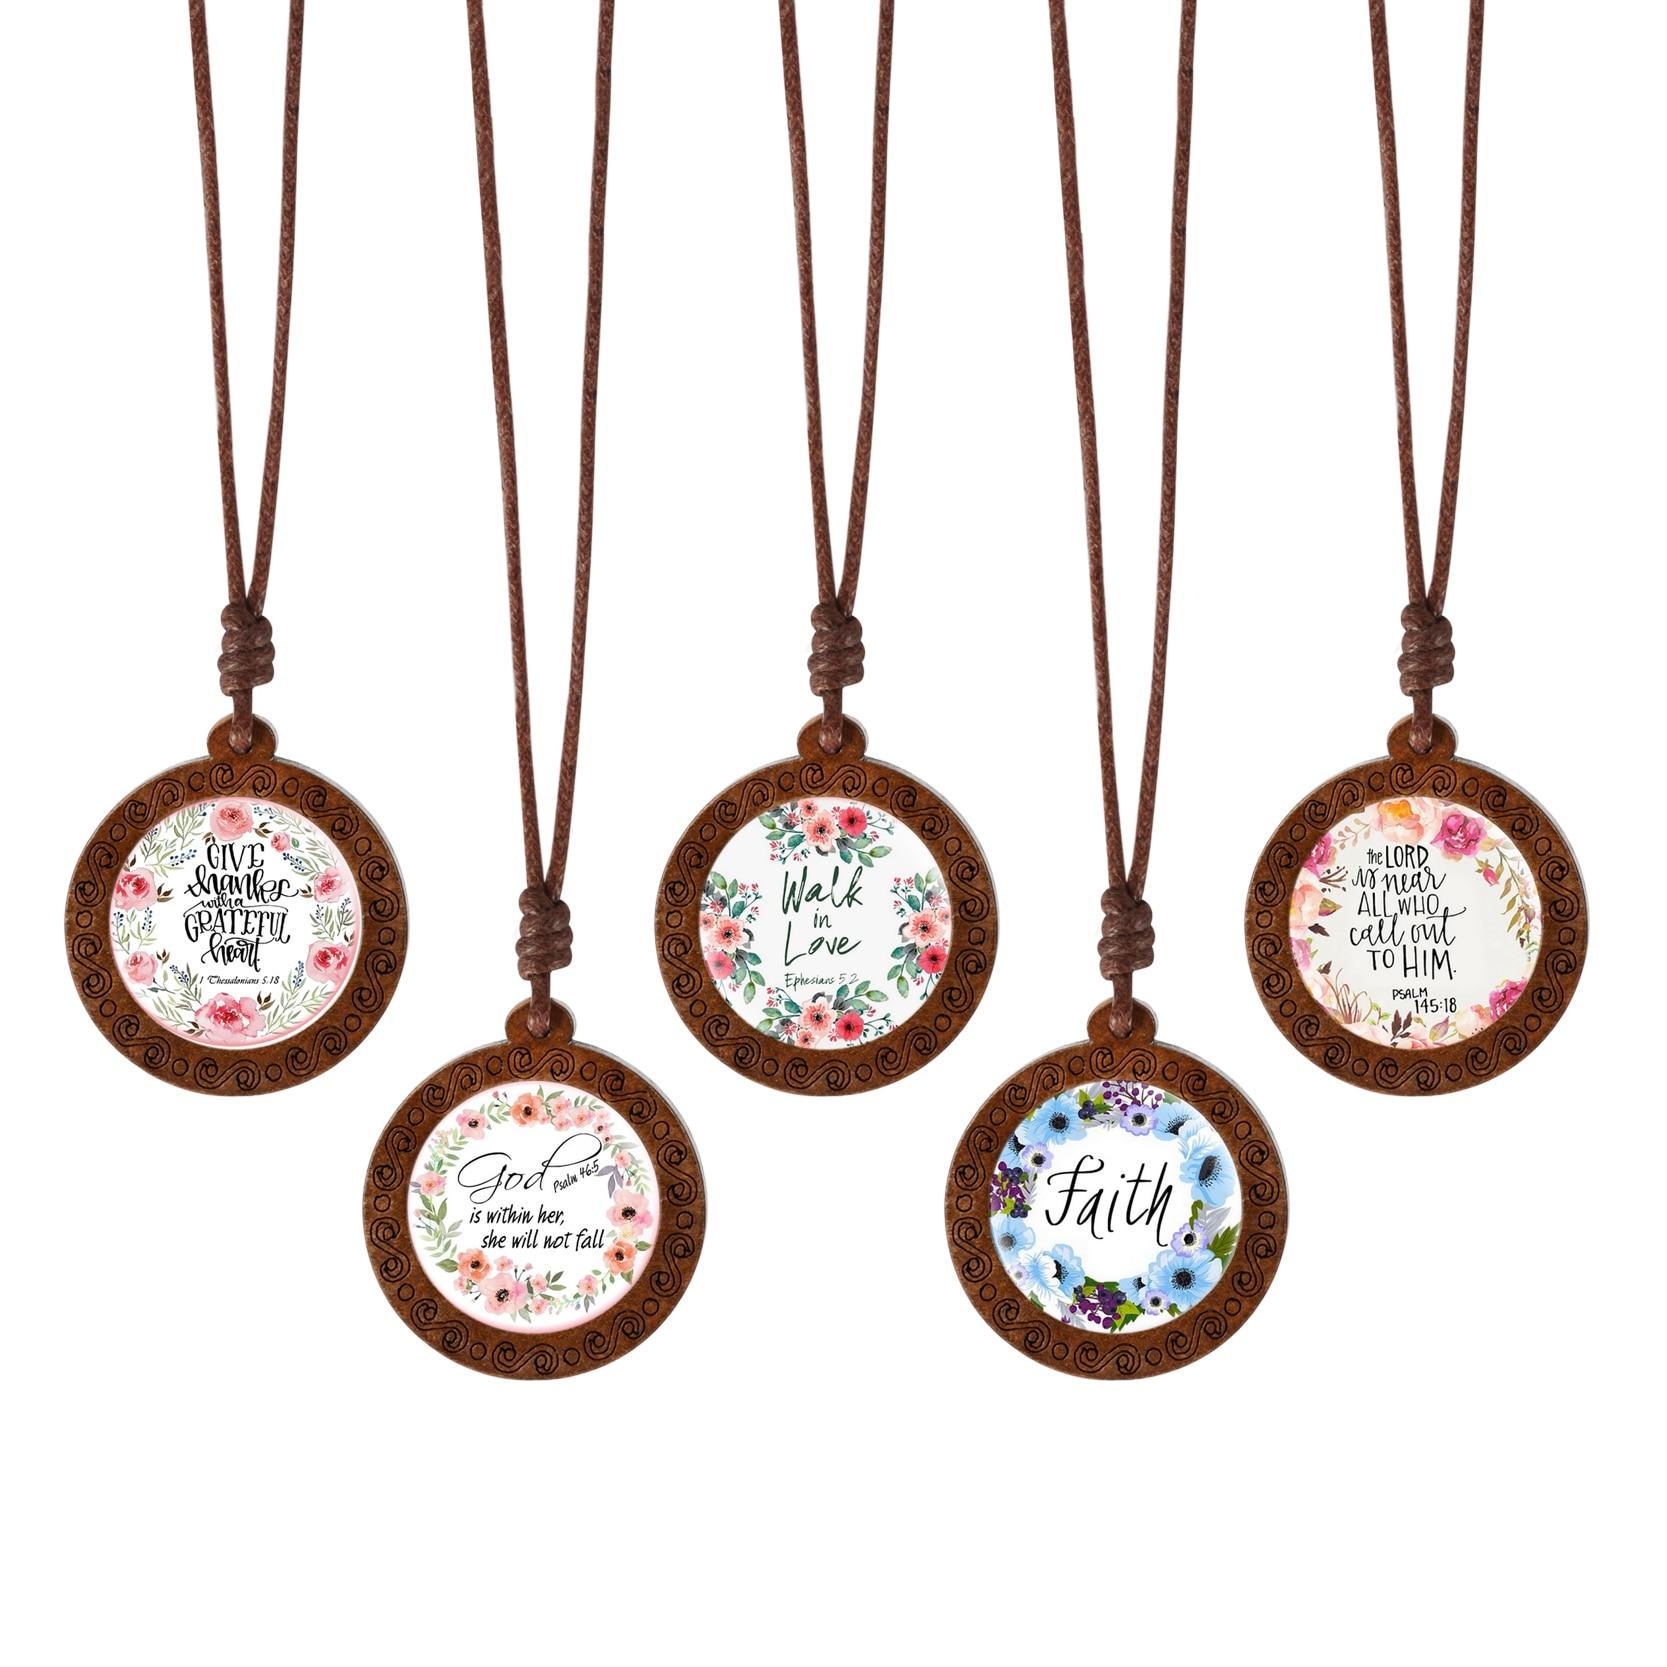 5 unids/lote, venta al por mayor, cabujón de madera hecho a mano, verso bíblico, escritura, citar collar, joyería cristiana para mujeres